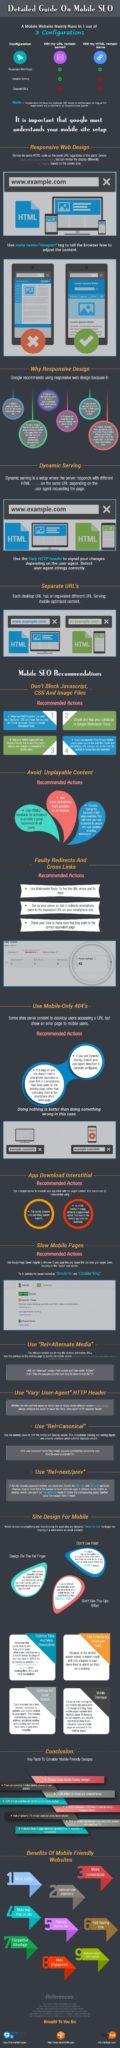 Detailed Guide on Mobile SEO Insta 1 Apocalisse Mobile: pillole di Consulenza SEO per sopravvivere